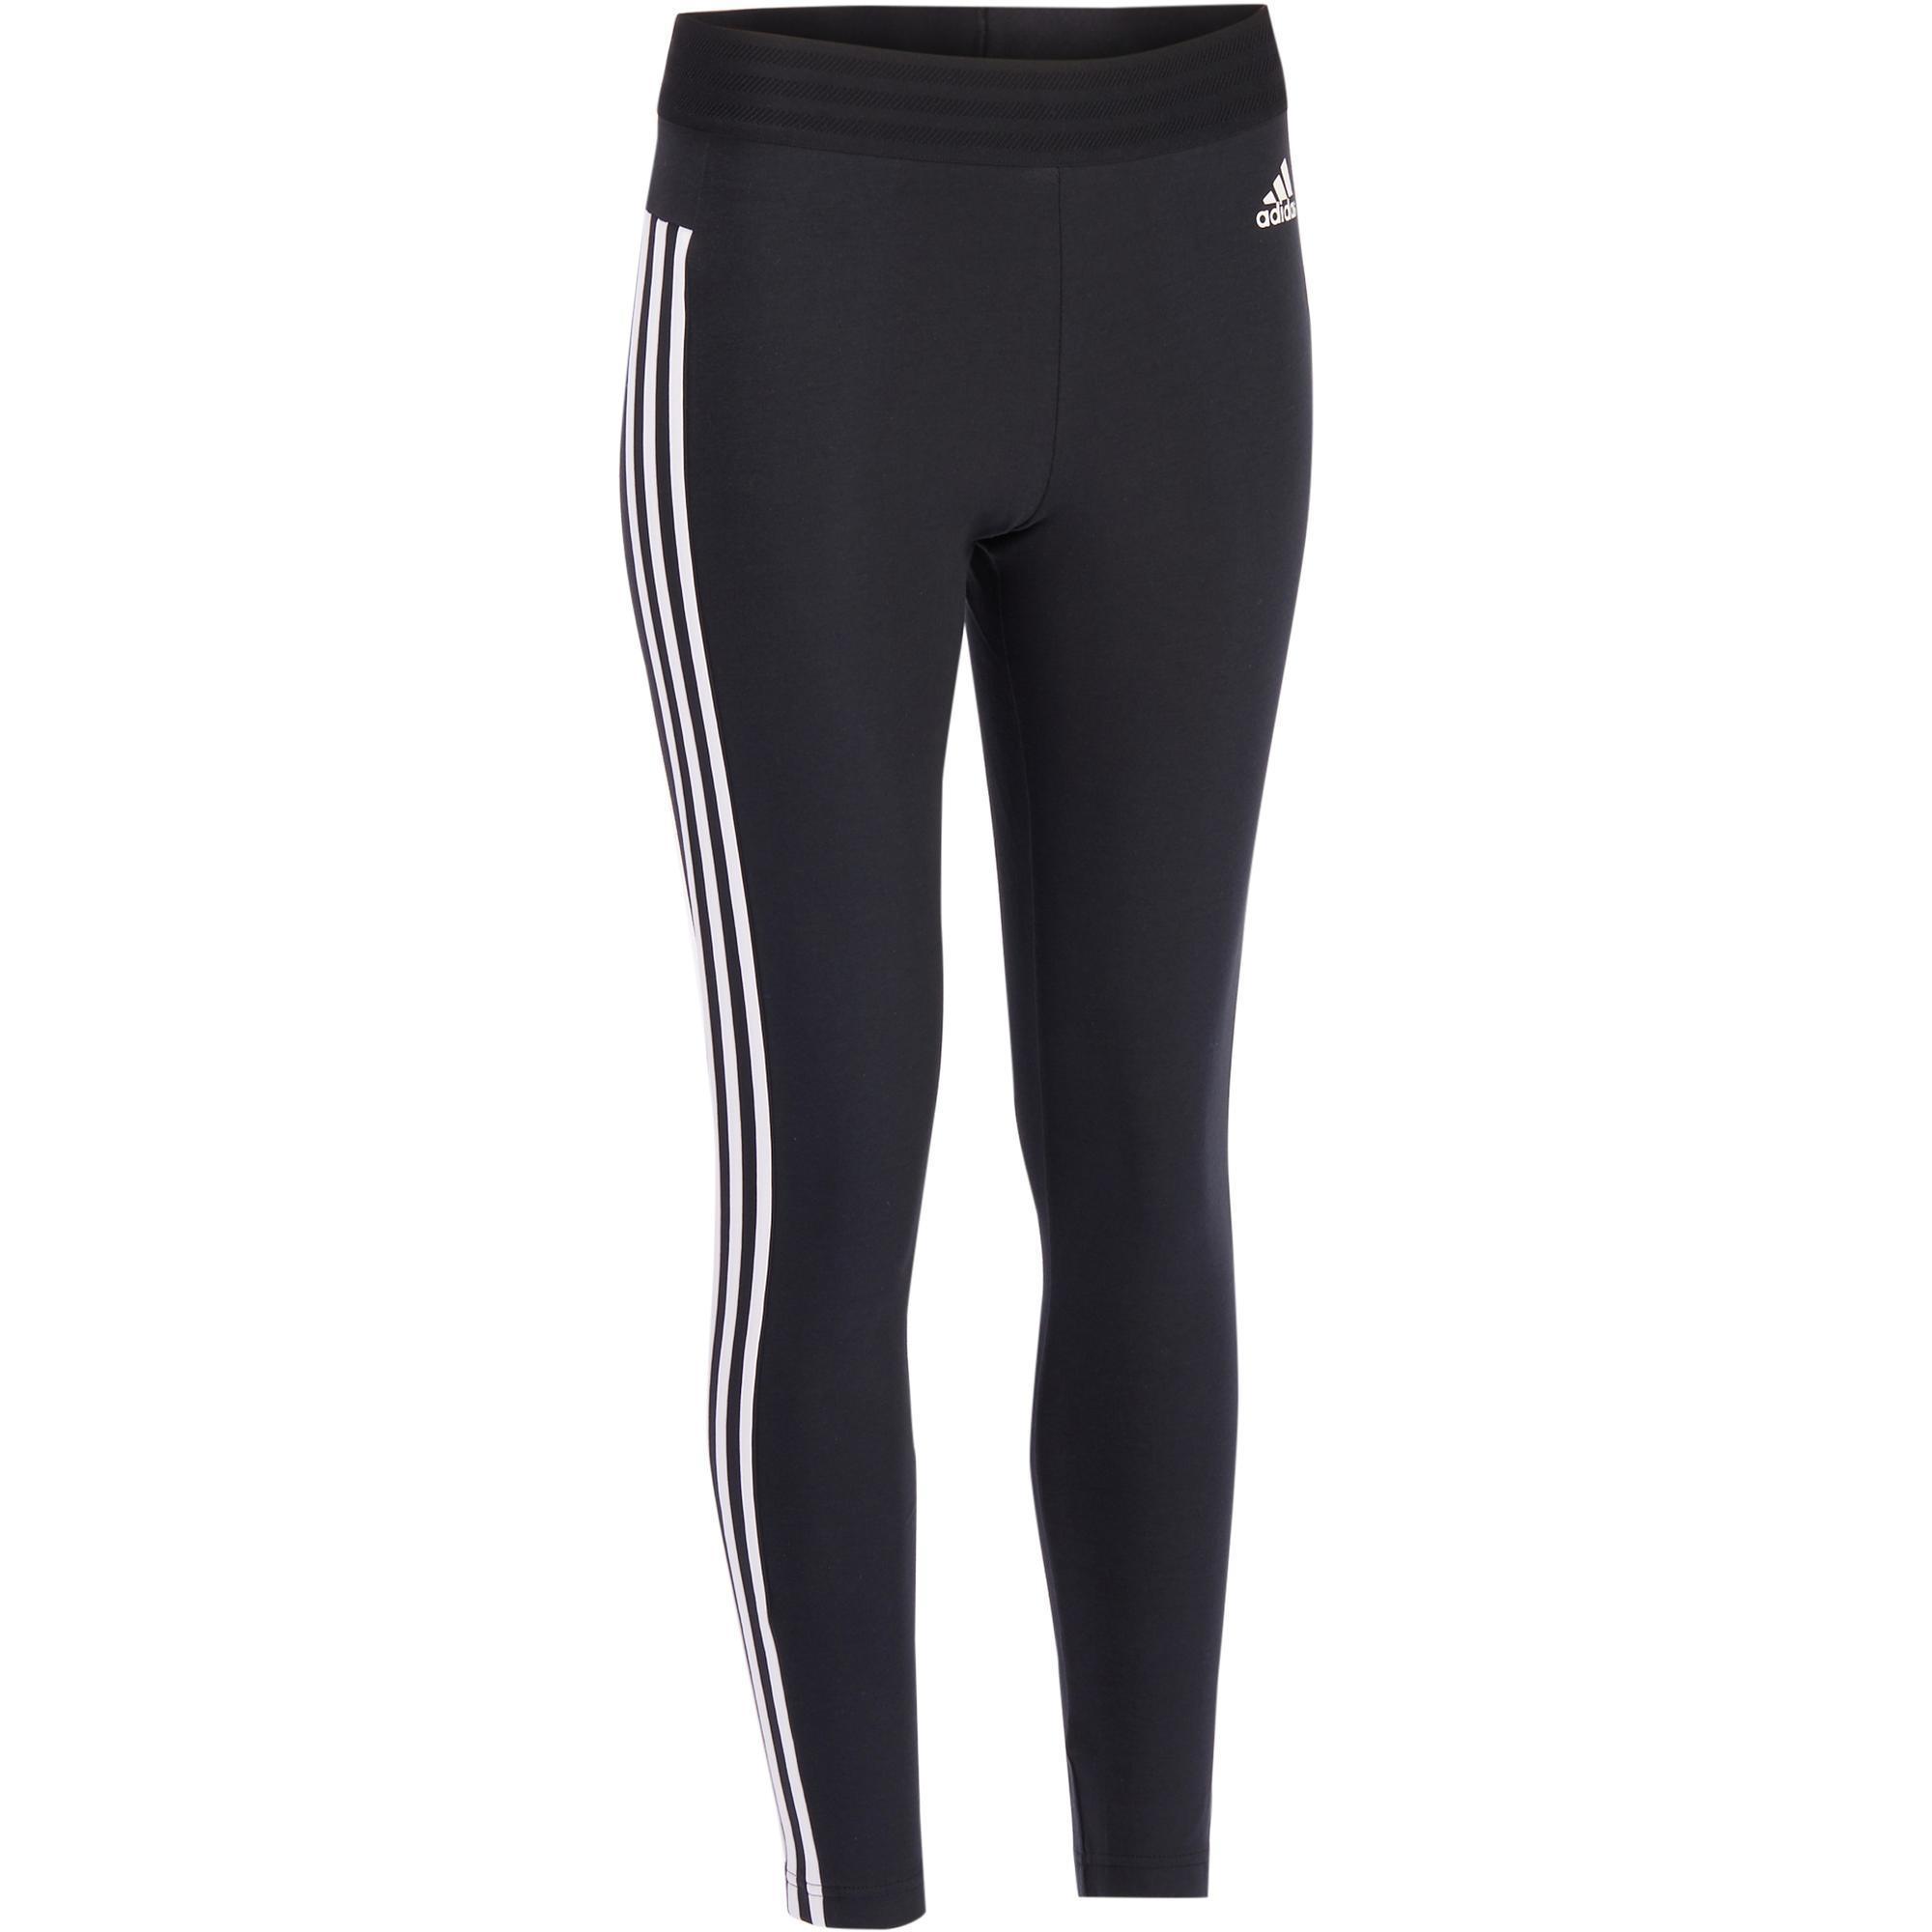 Adidas Dameslegging Adidas 500 voor gym en stretching slim fit zwart en wit